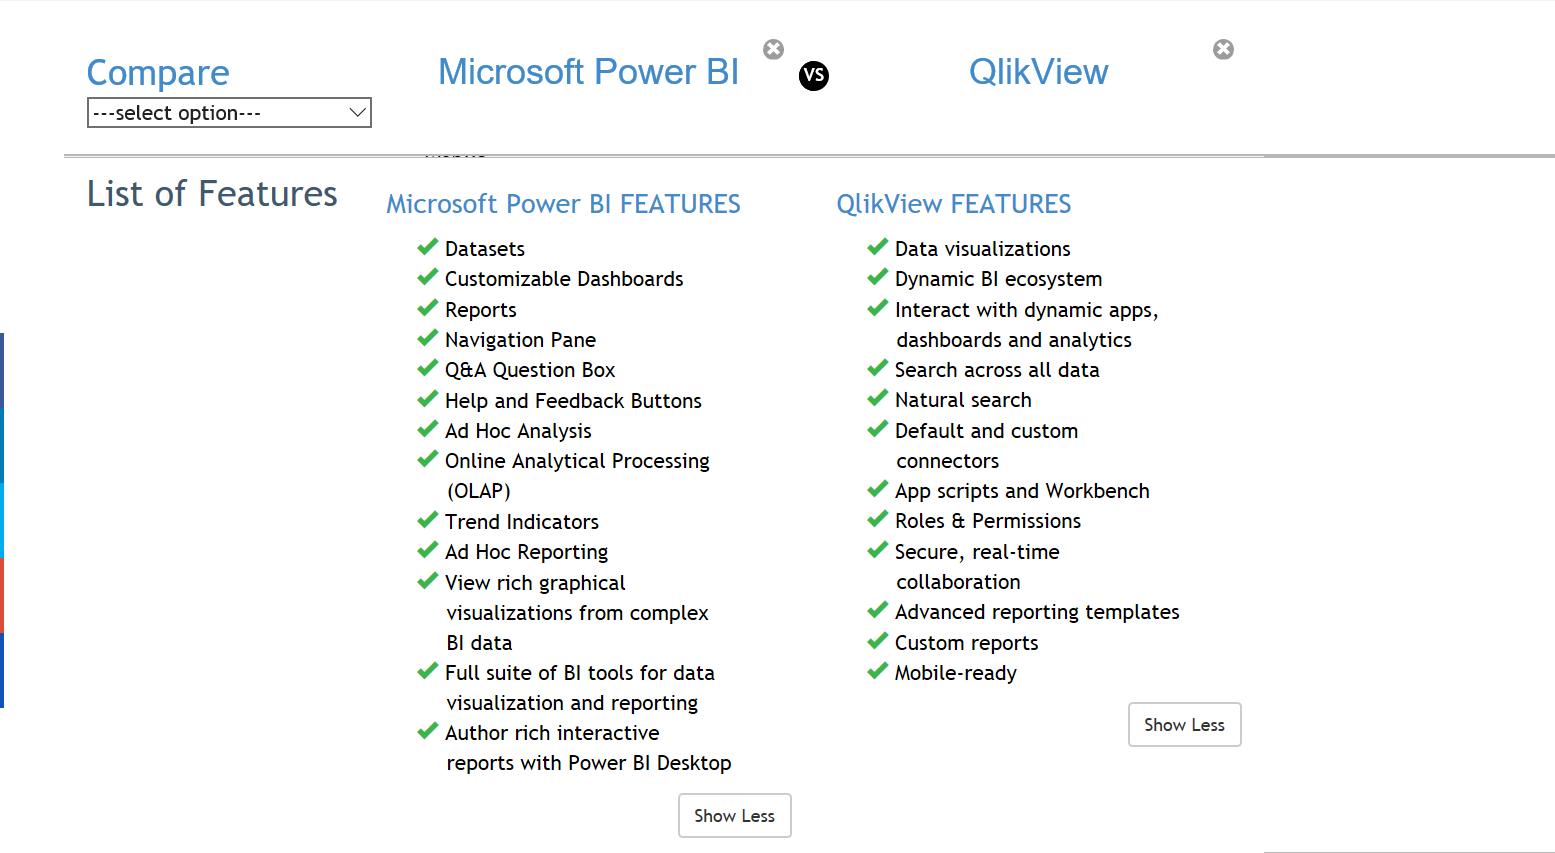 مقایسه Qlikview با Power BI